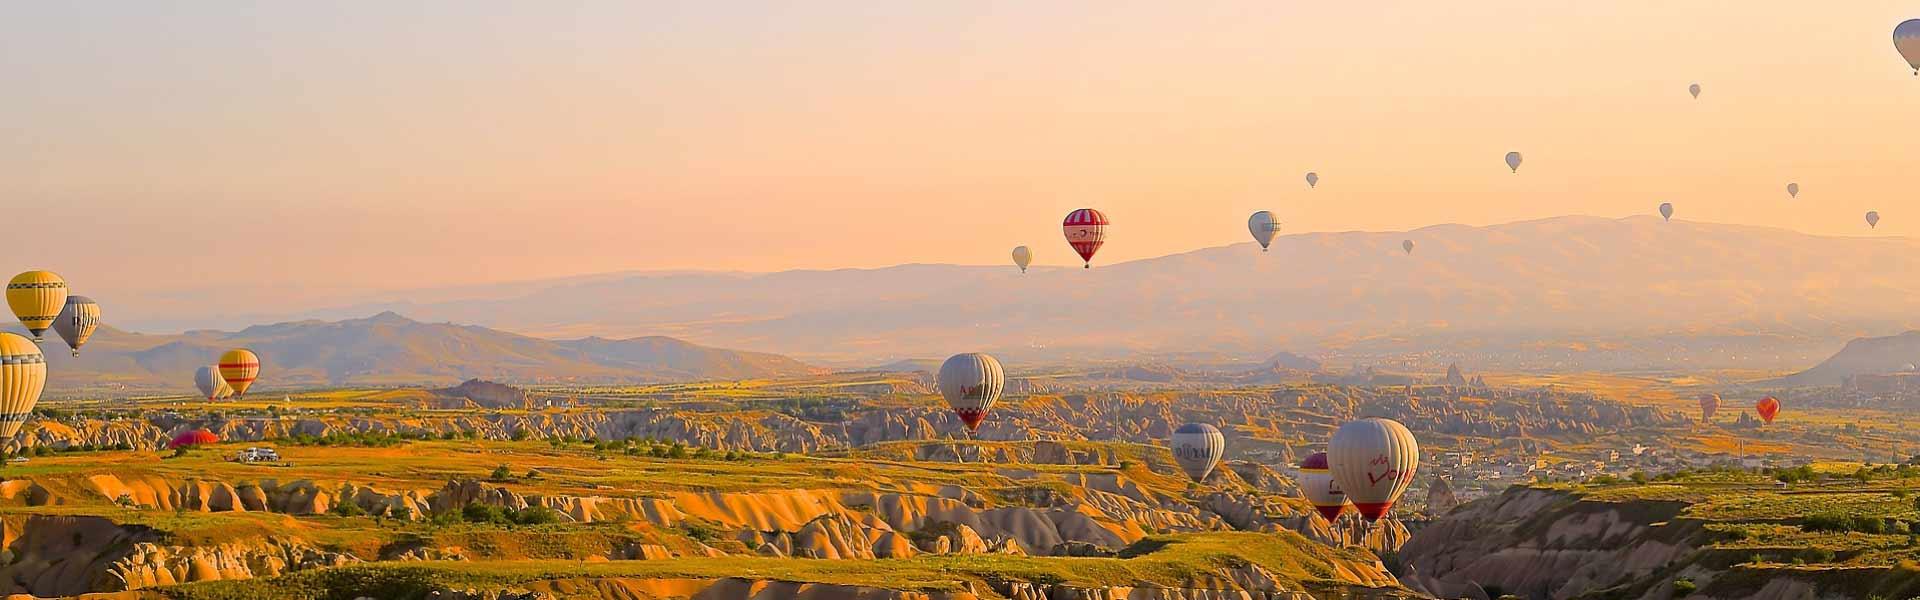 Panorámica de globos en Capadocia